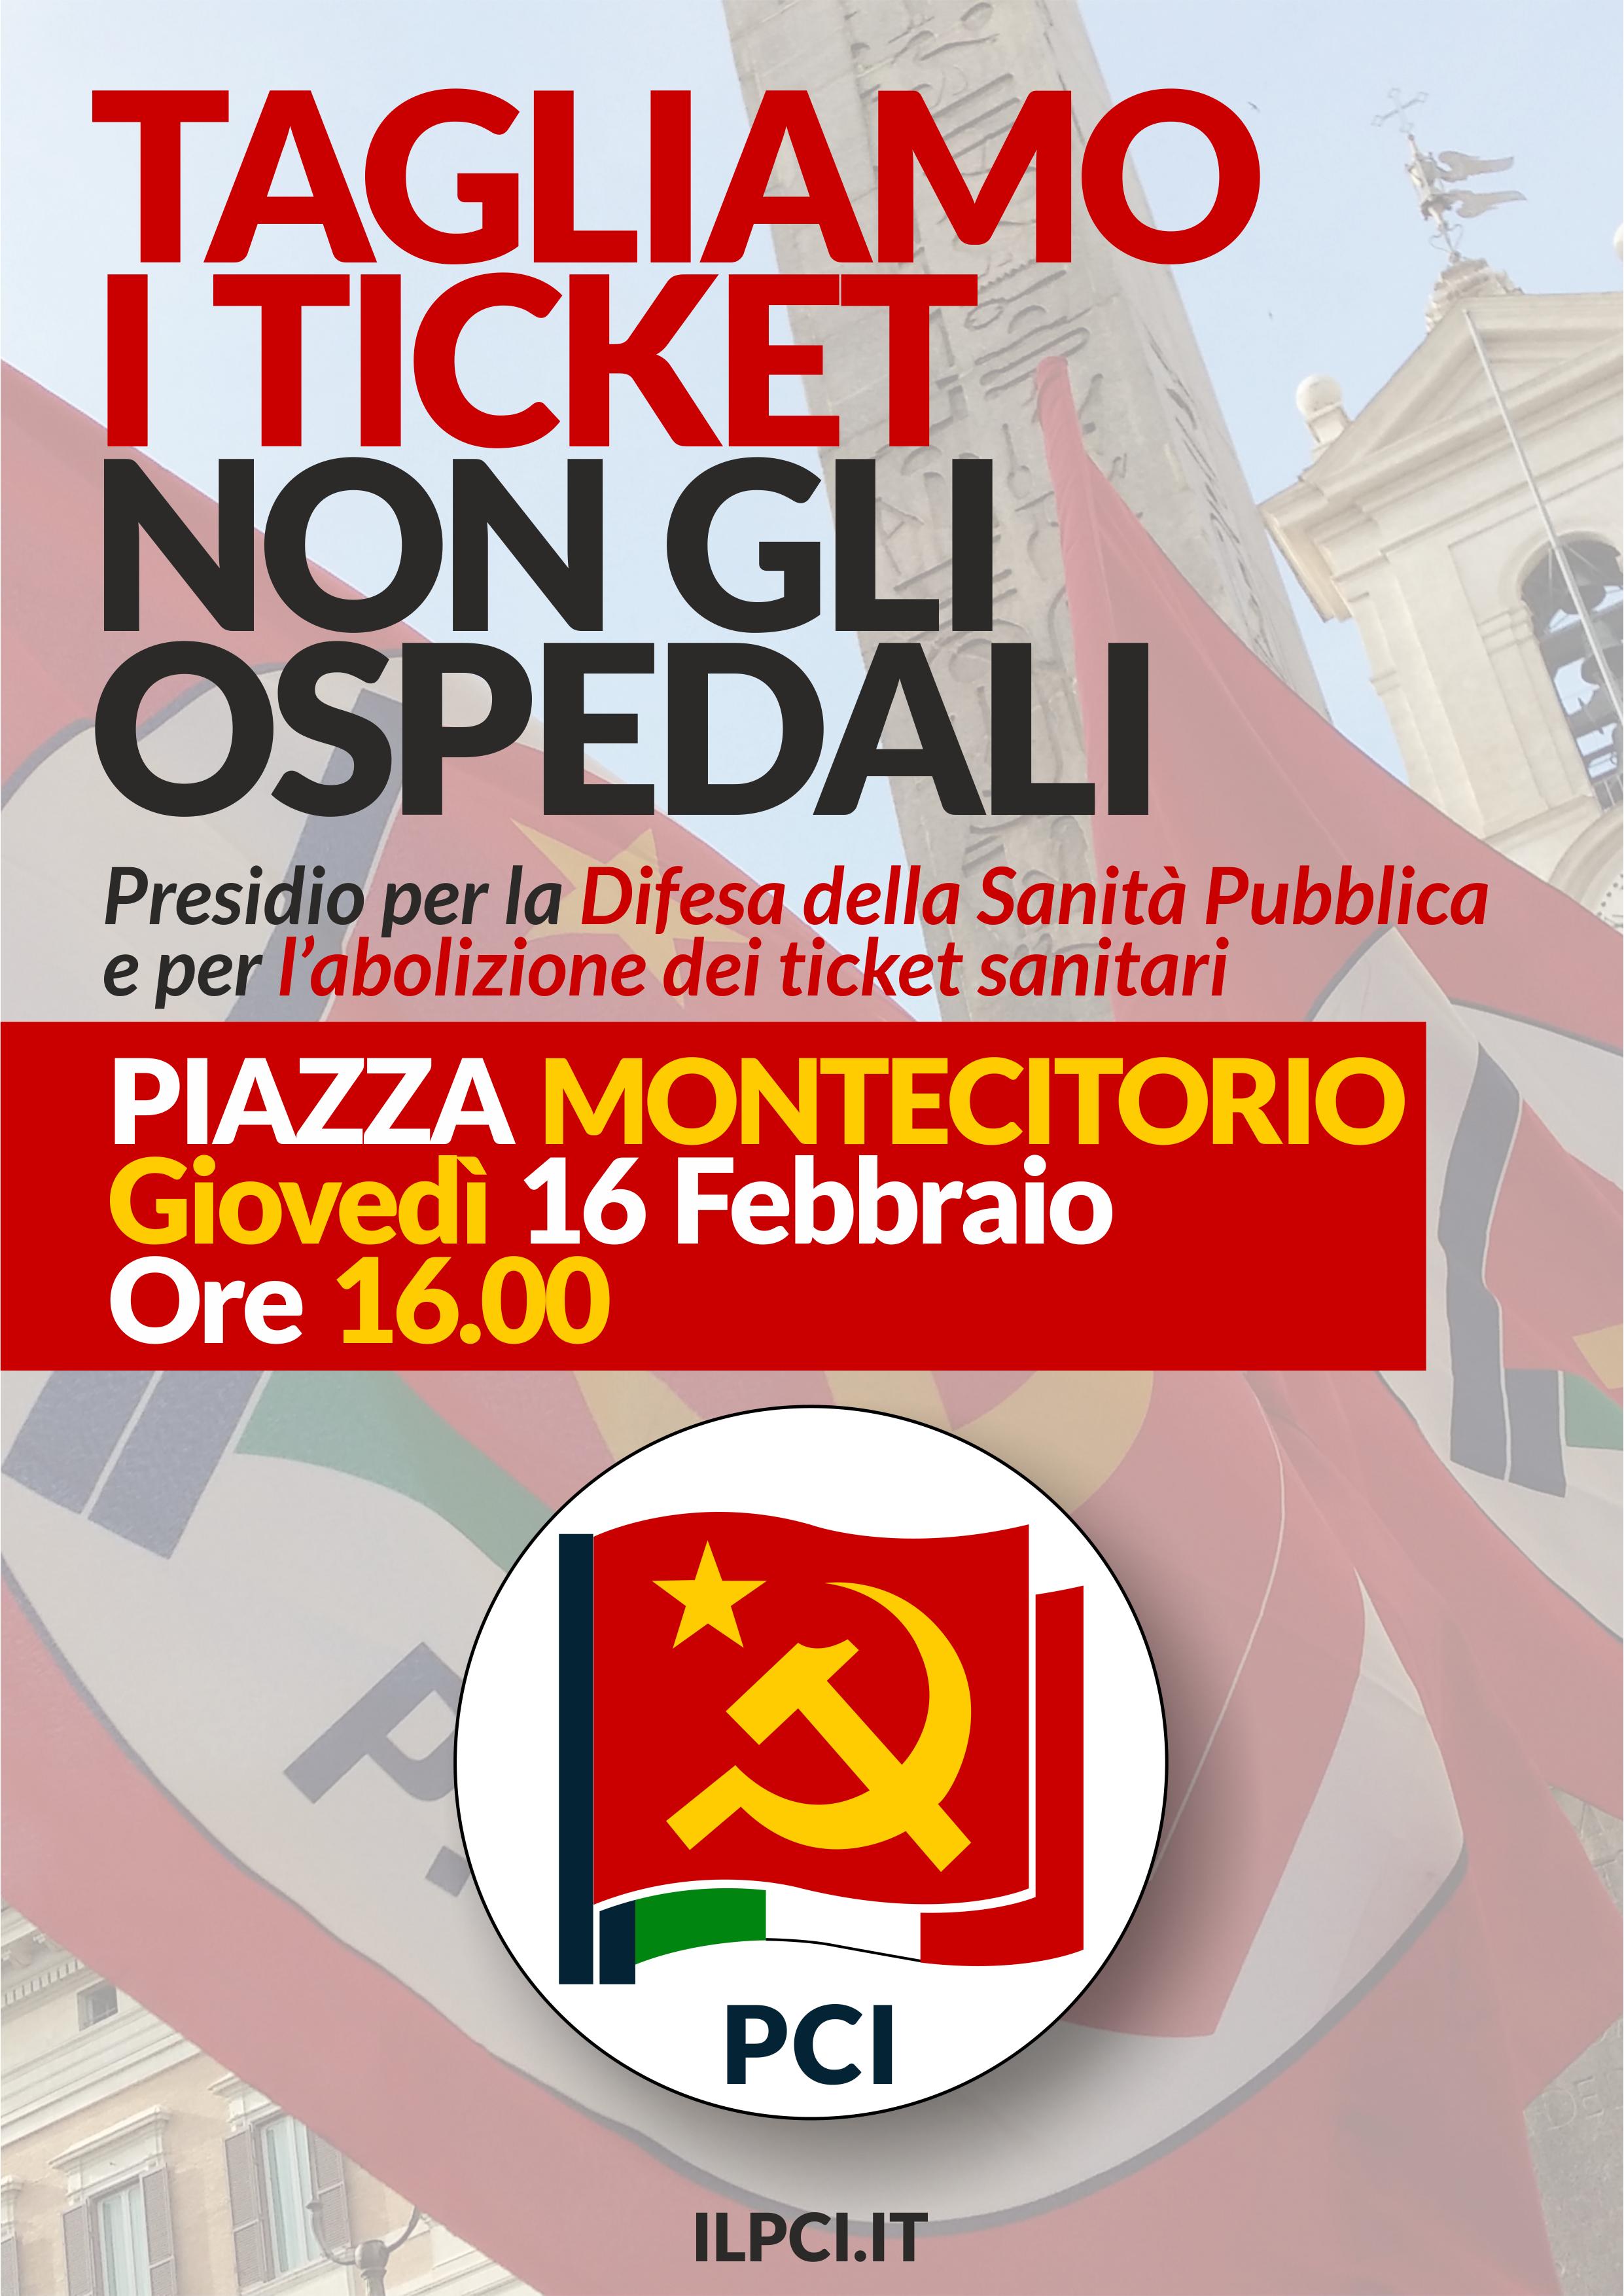 Domani a Roma alle ore 16:00 parte da Montecitorio la campagna nazionale per la sanità, pubblica, gratuita e di qualità.